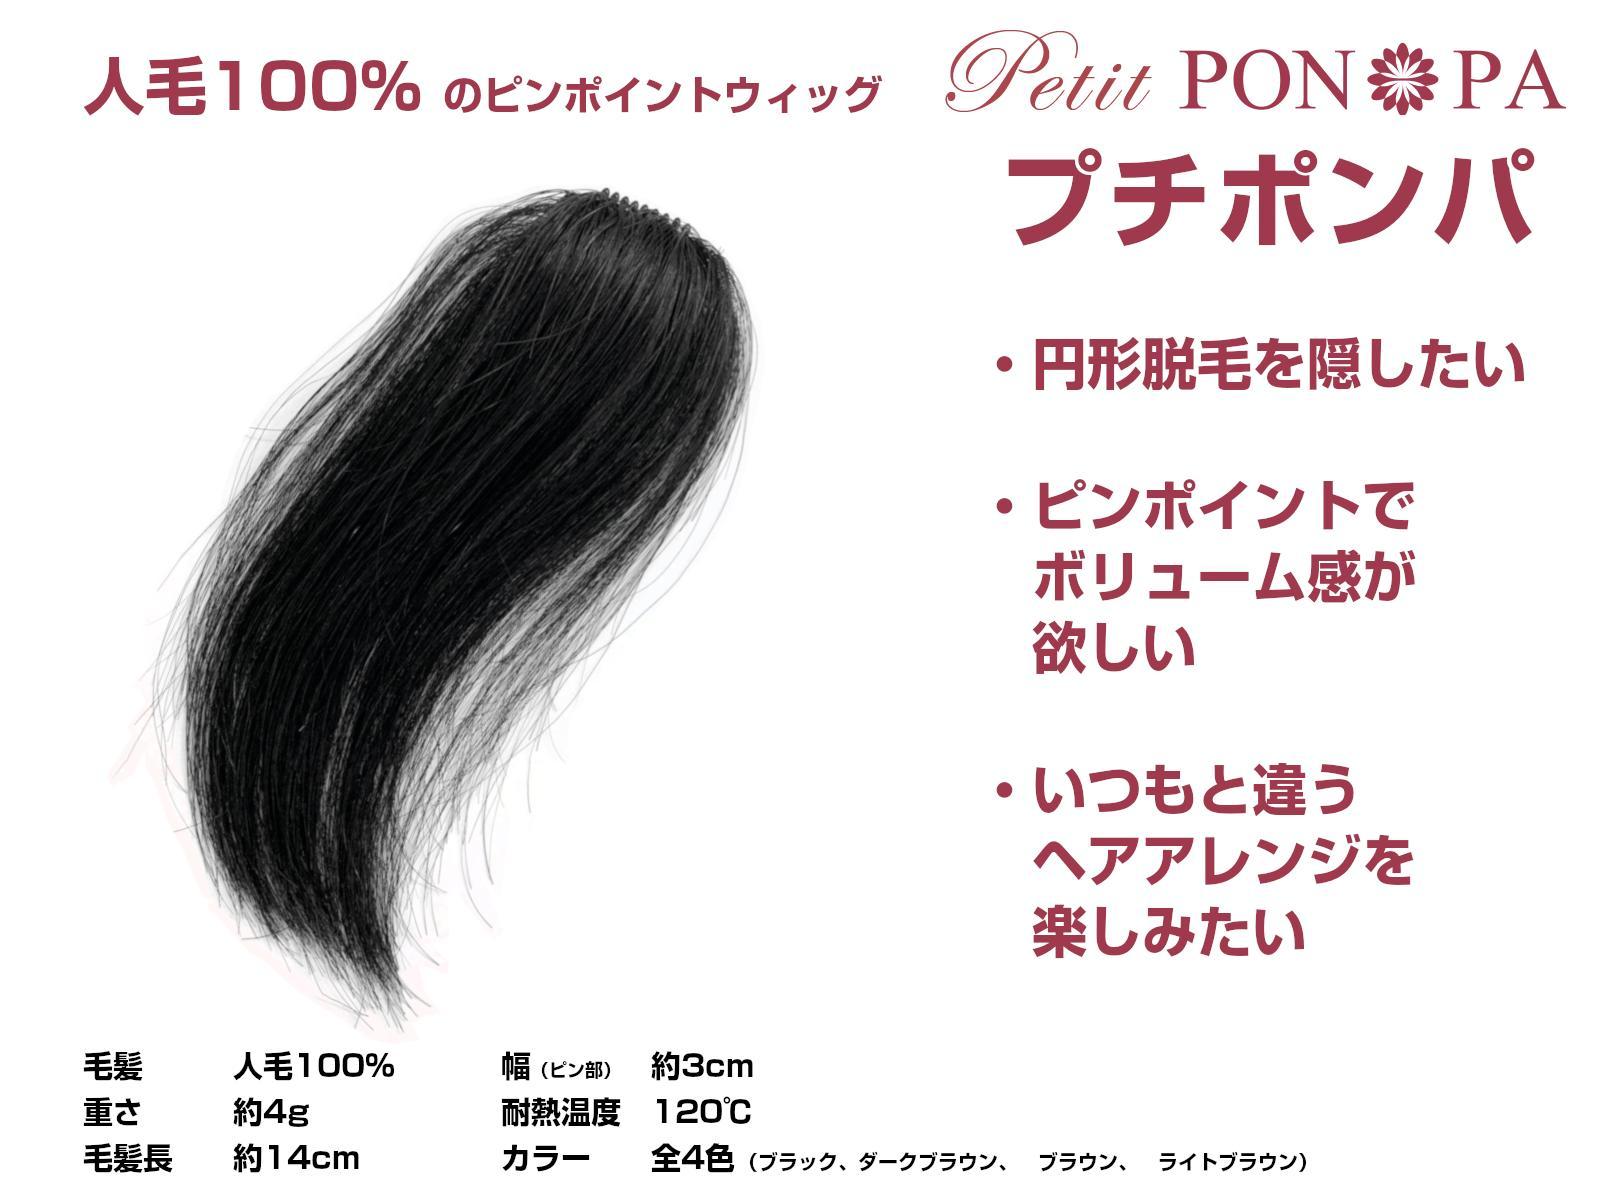 円形脱毛やピンポイントカバーに使える極小ウィッグ「PetitPON-PA(プチポンパ)」